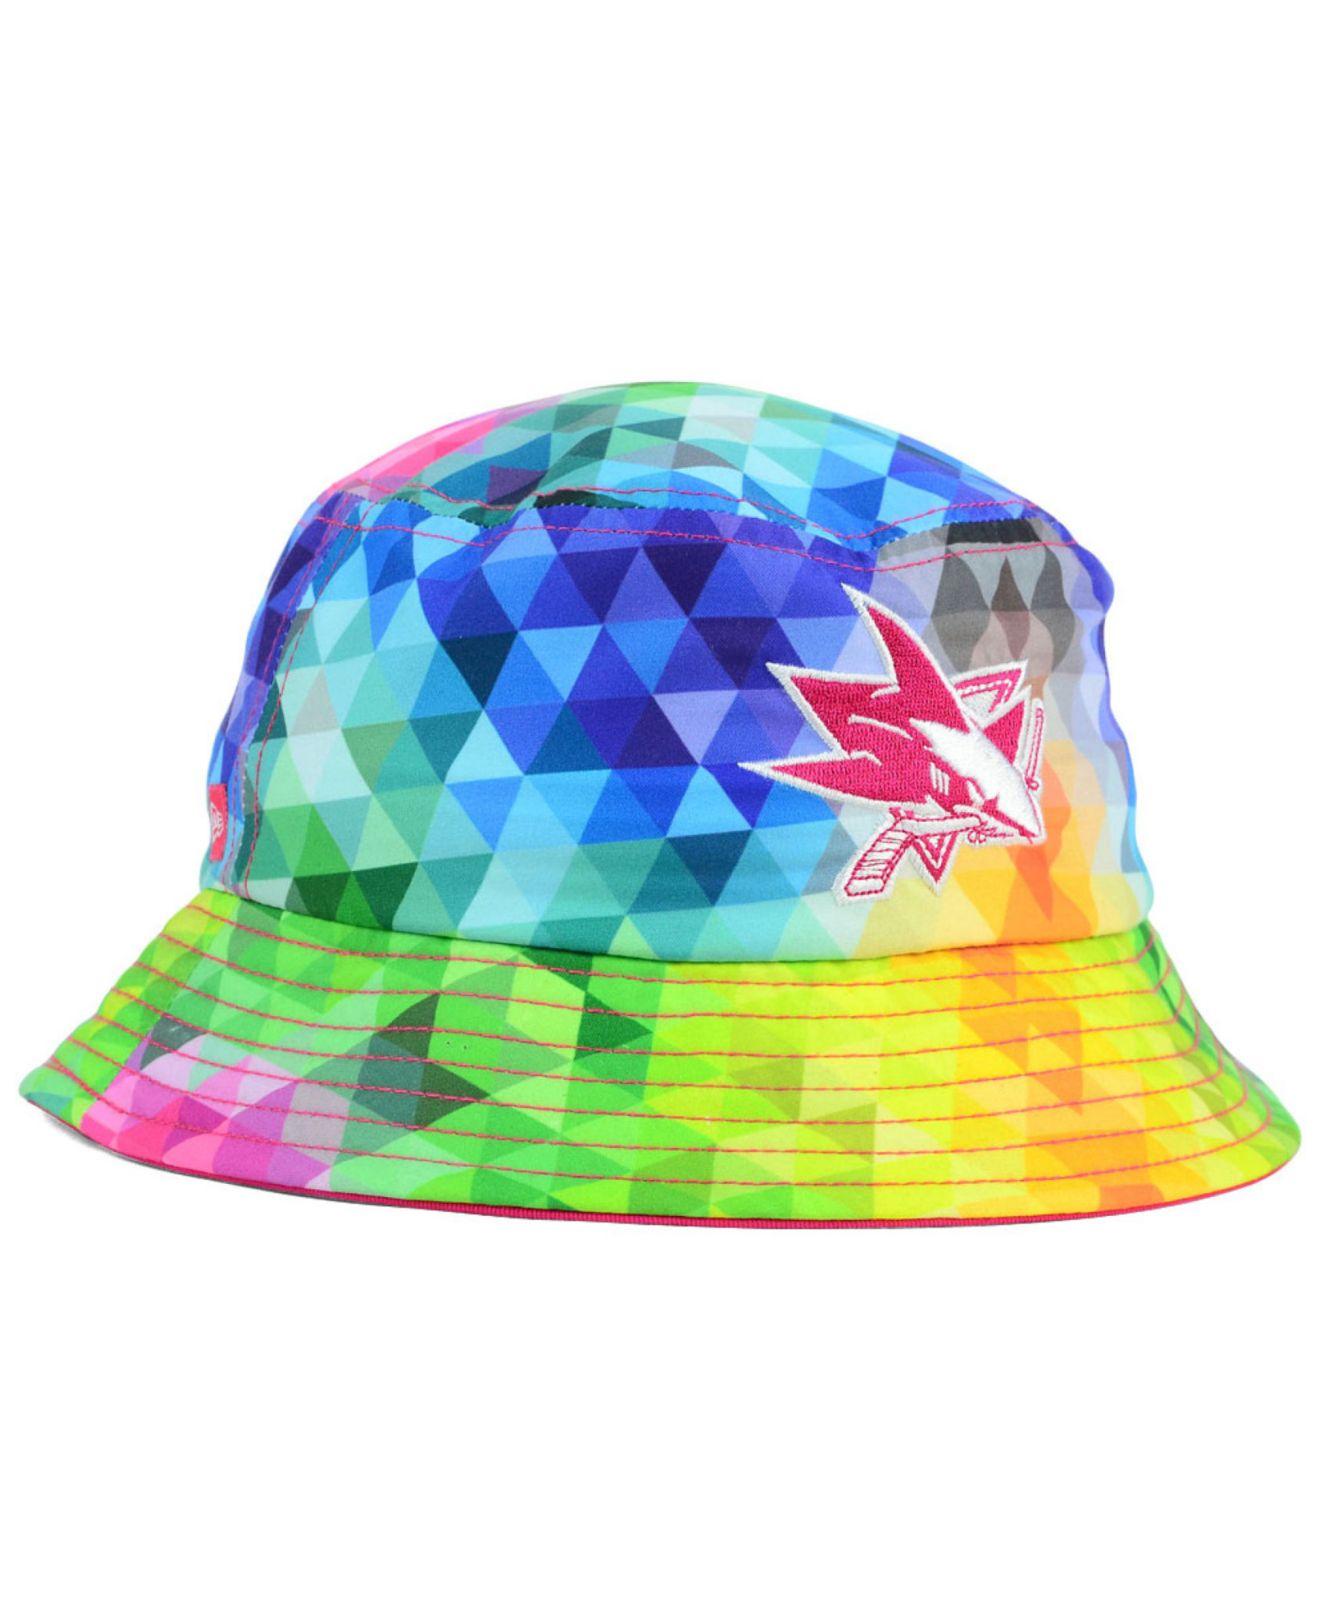 d850a86245d Lyst - KTZ Girls  San Jose Sharks Gem Bucket Hat